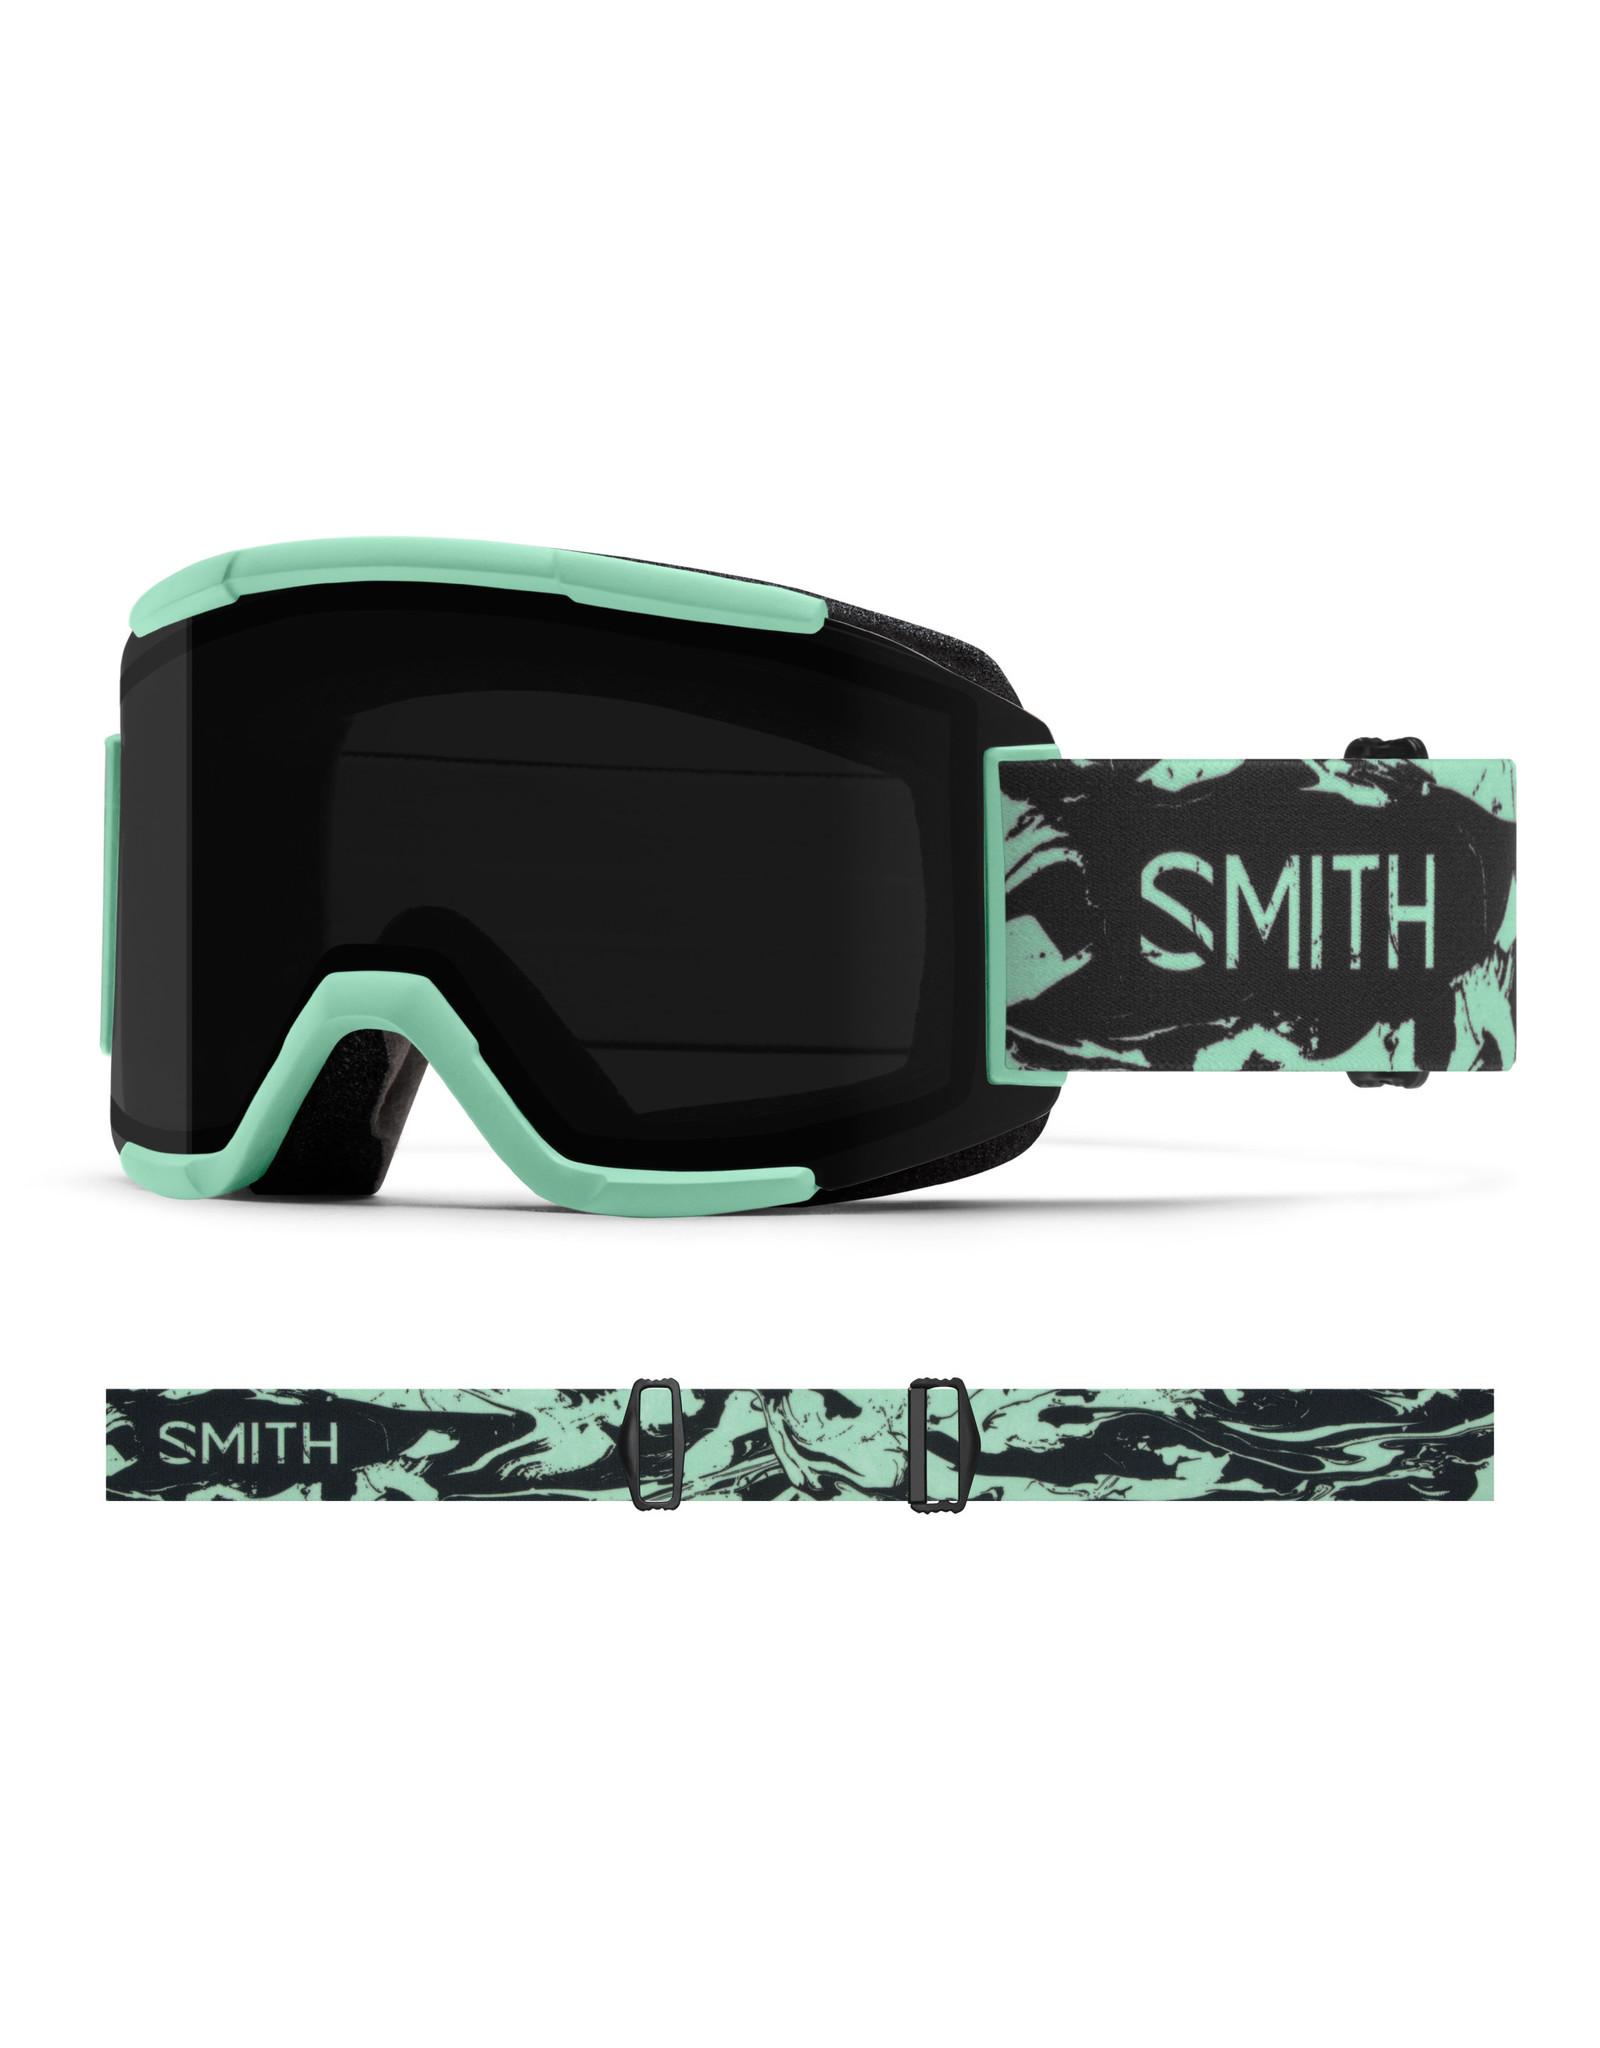 Smith SMITH SQUAD BERMUDA MARBLE 20 SKI GOGGLE